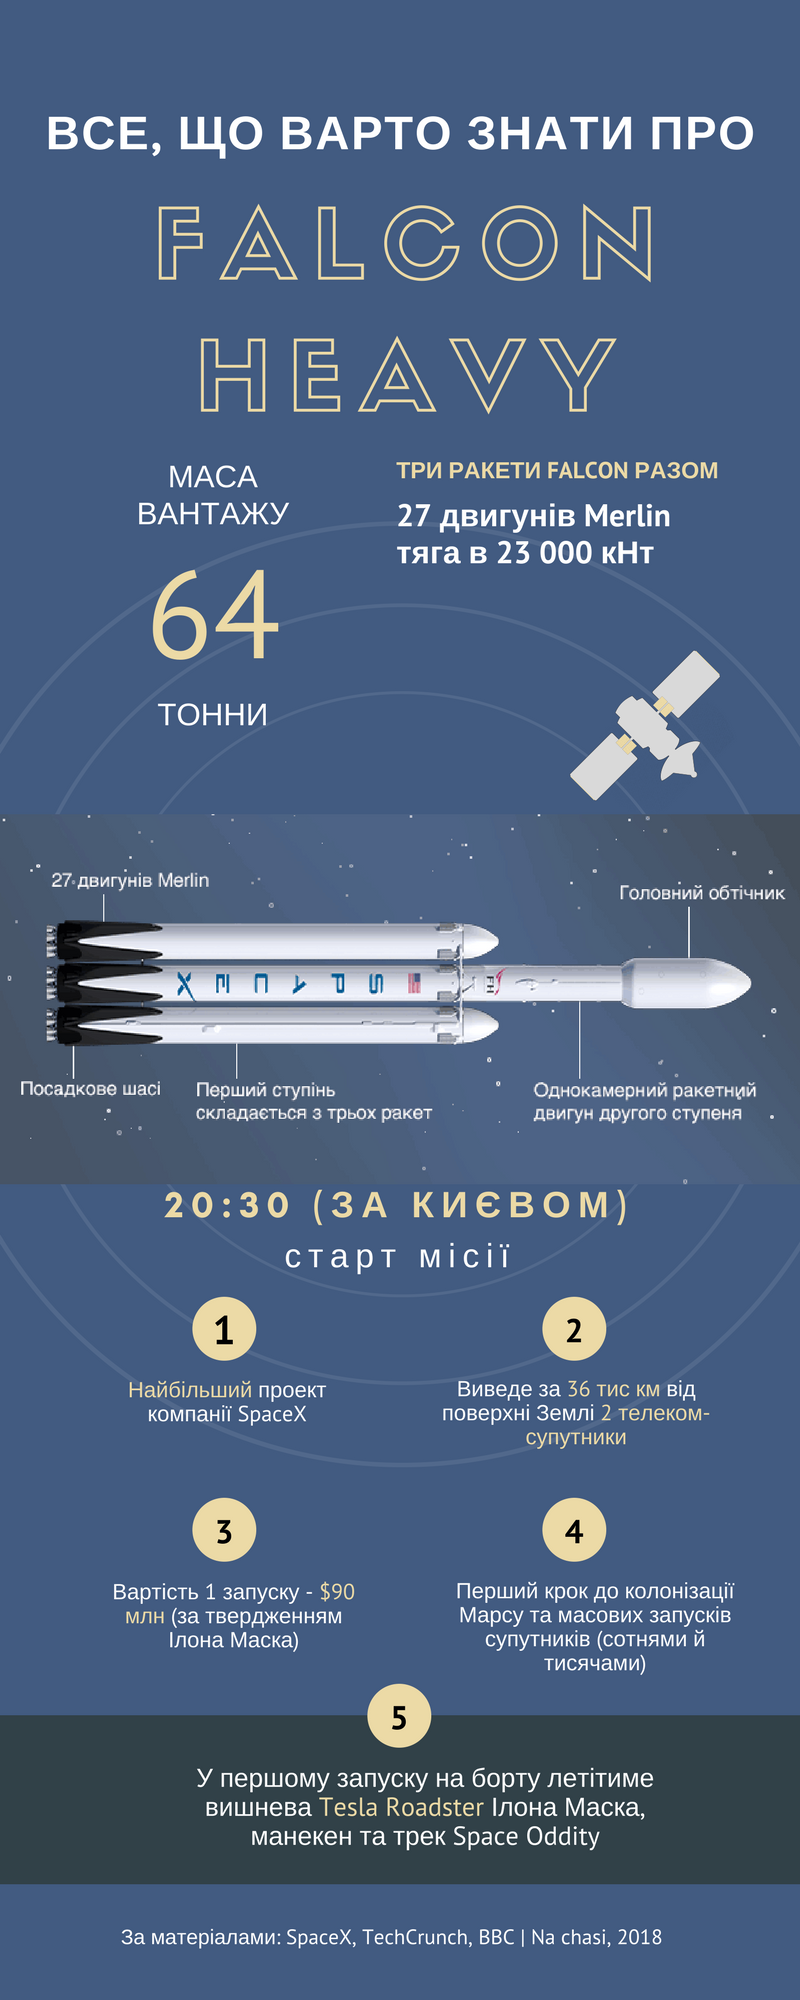 Vse pro Falcon Heavy